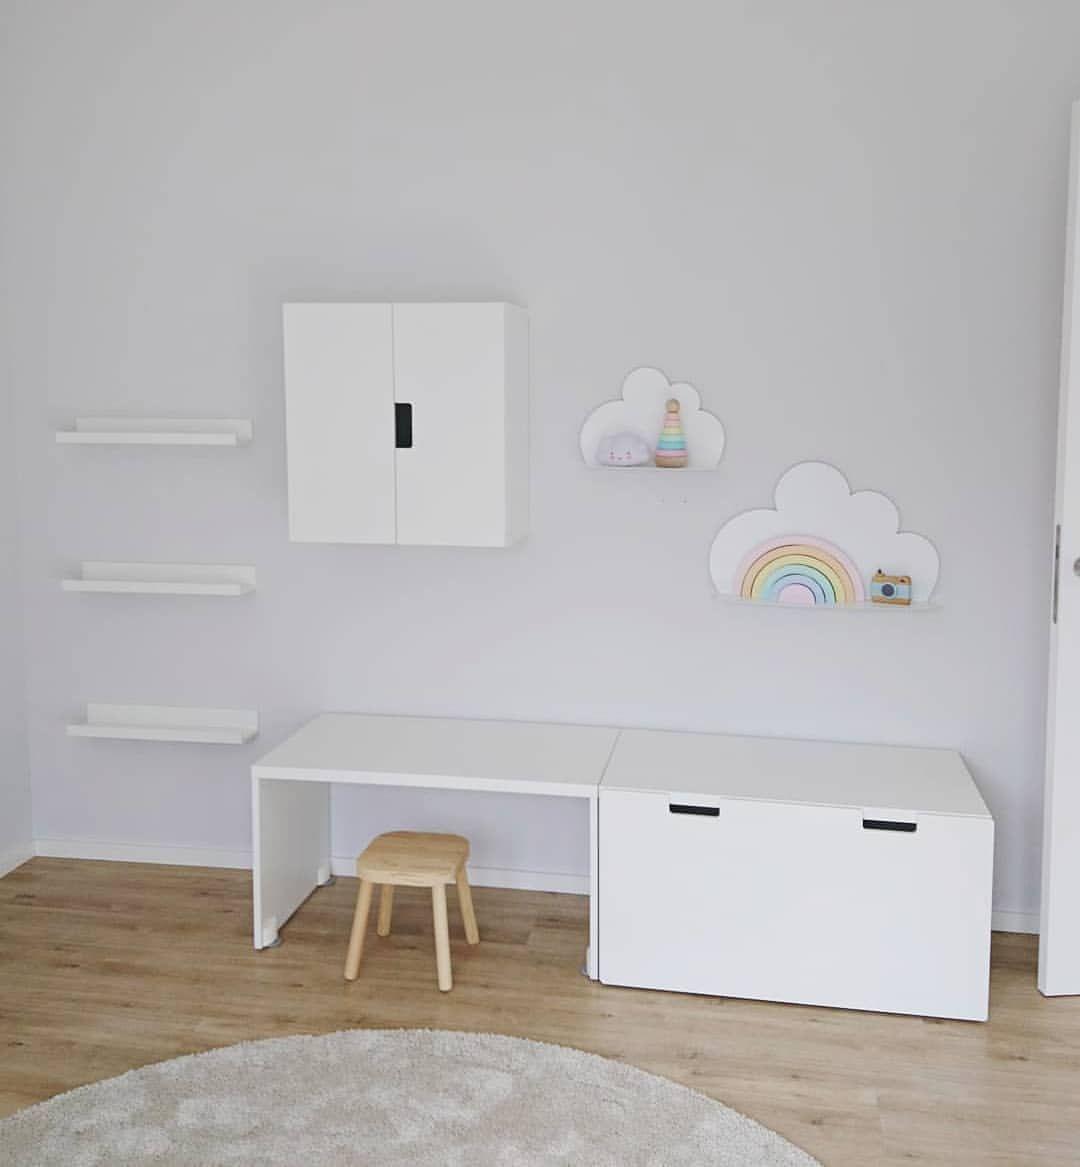 Kinderzimmer 🌈 Links haben wir Regale für Kinderbücher ...